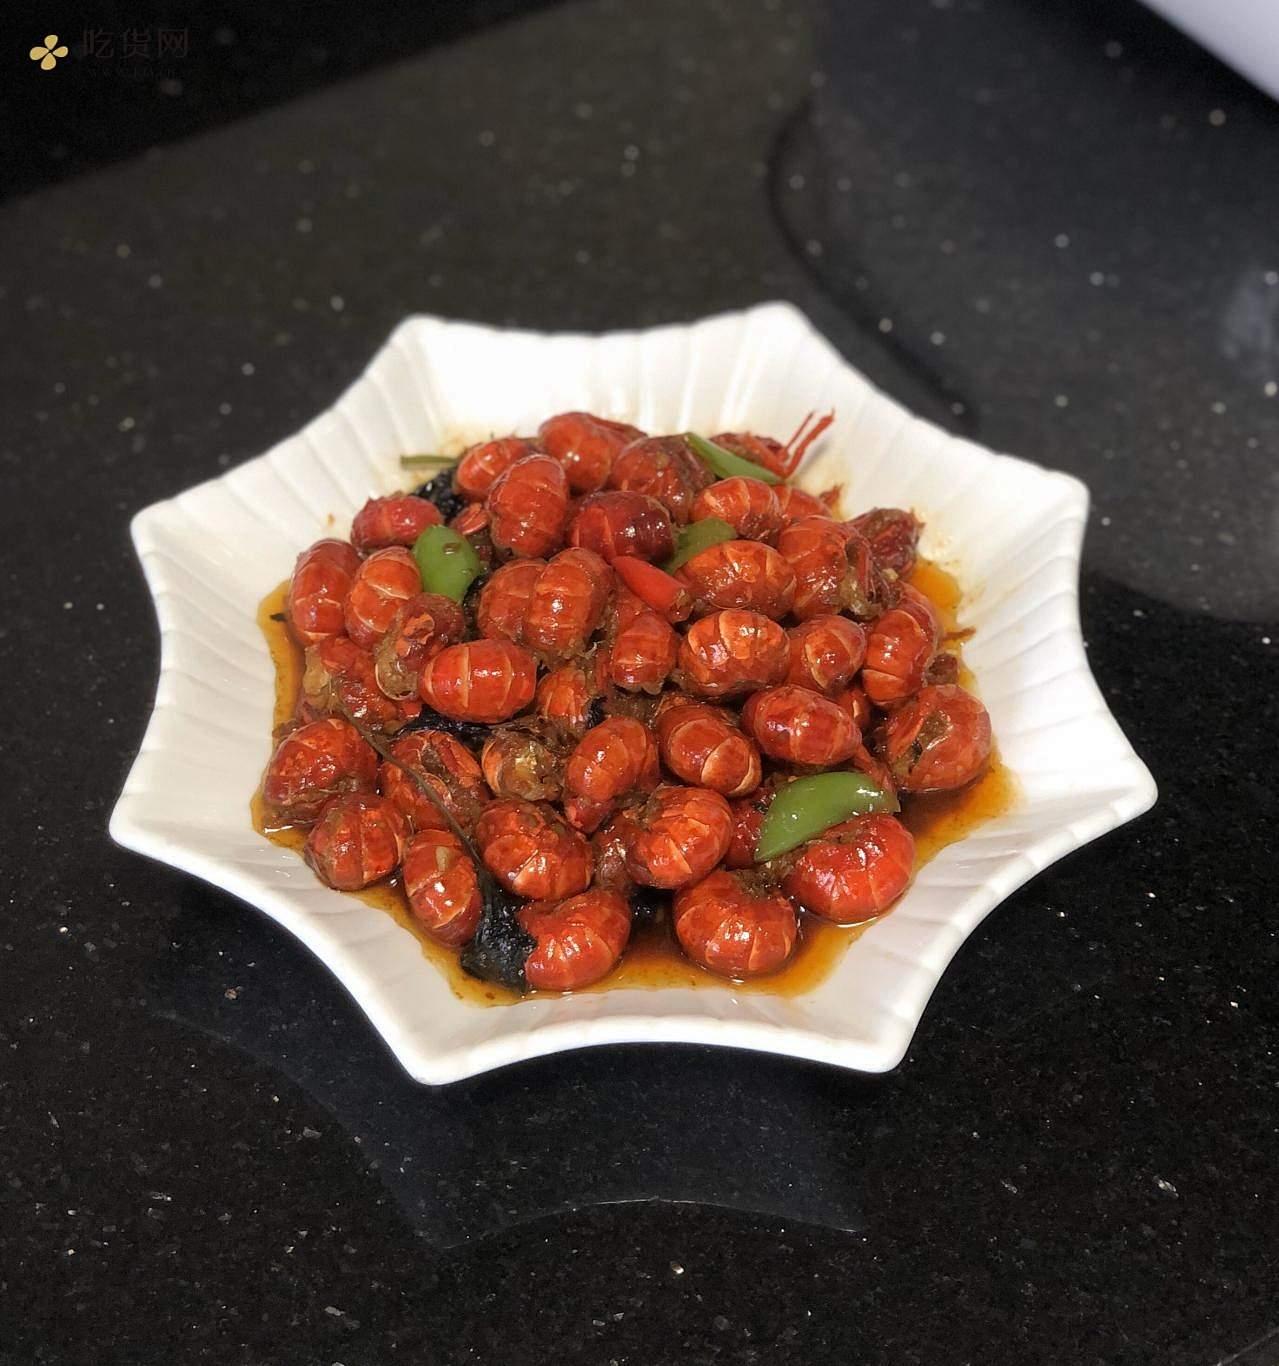 麻辣小龙虾🦞&蒜香虾球的做法 步骤6